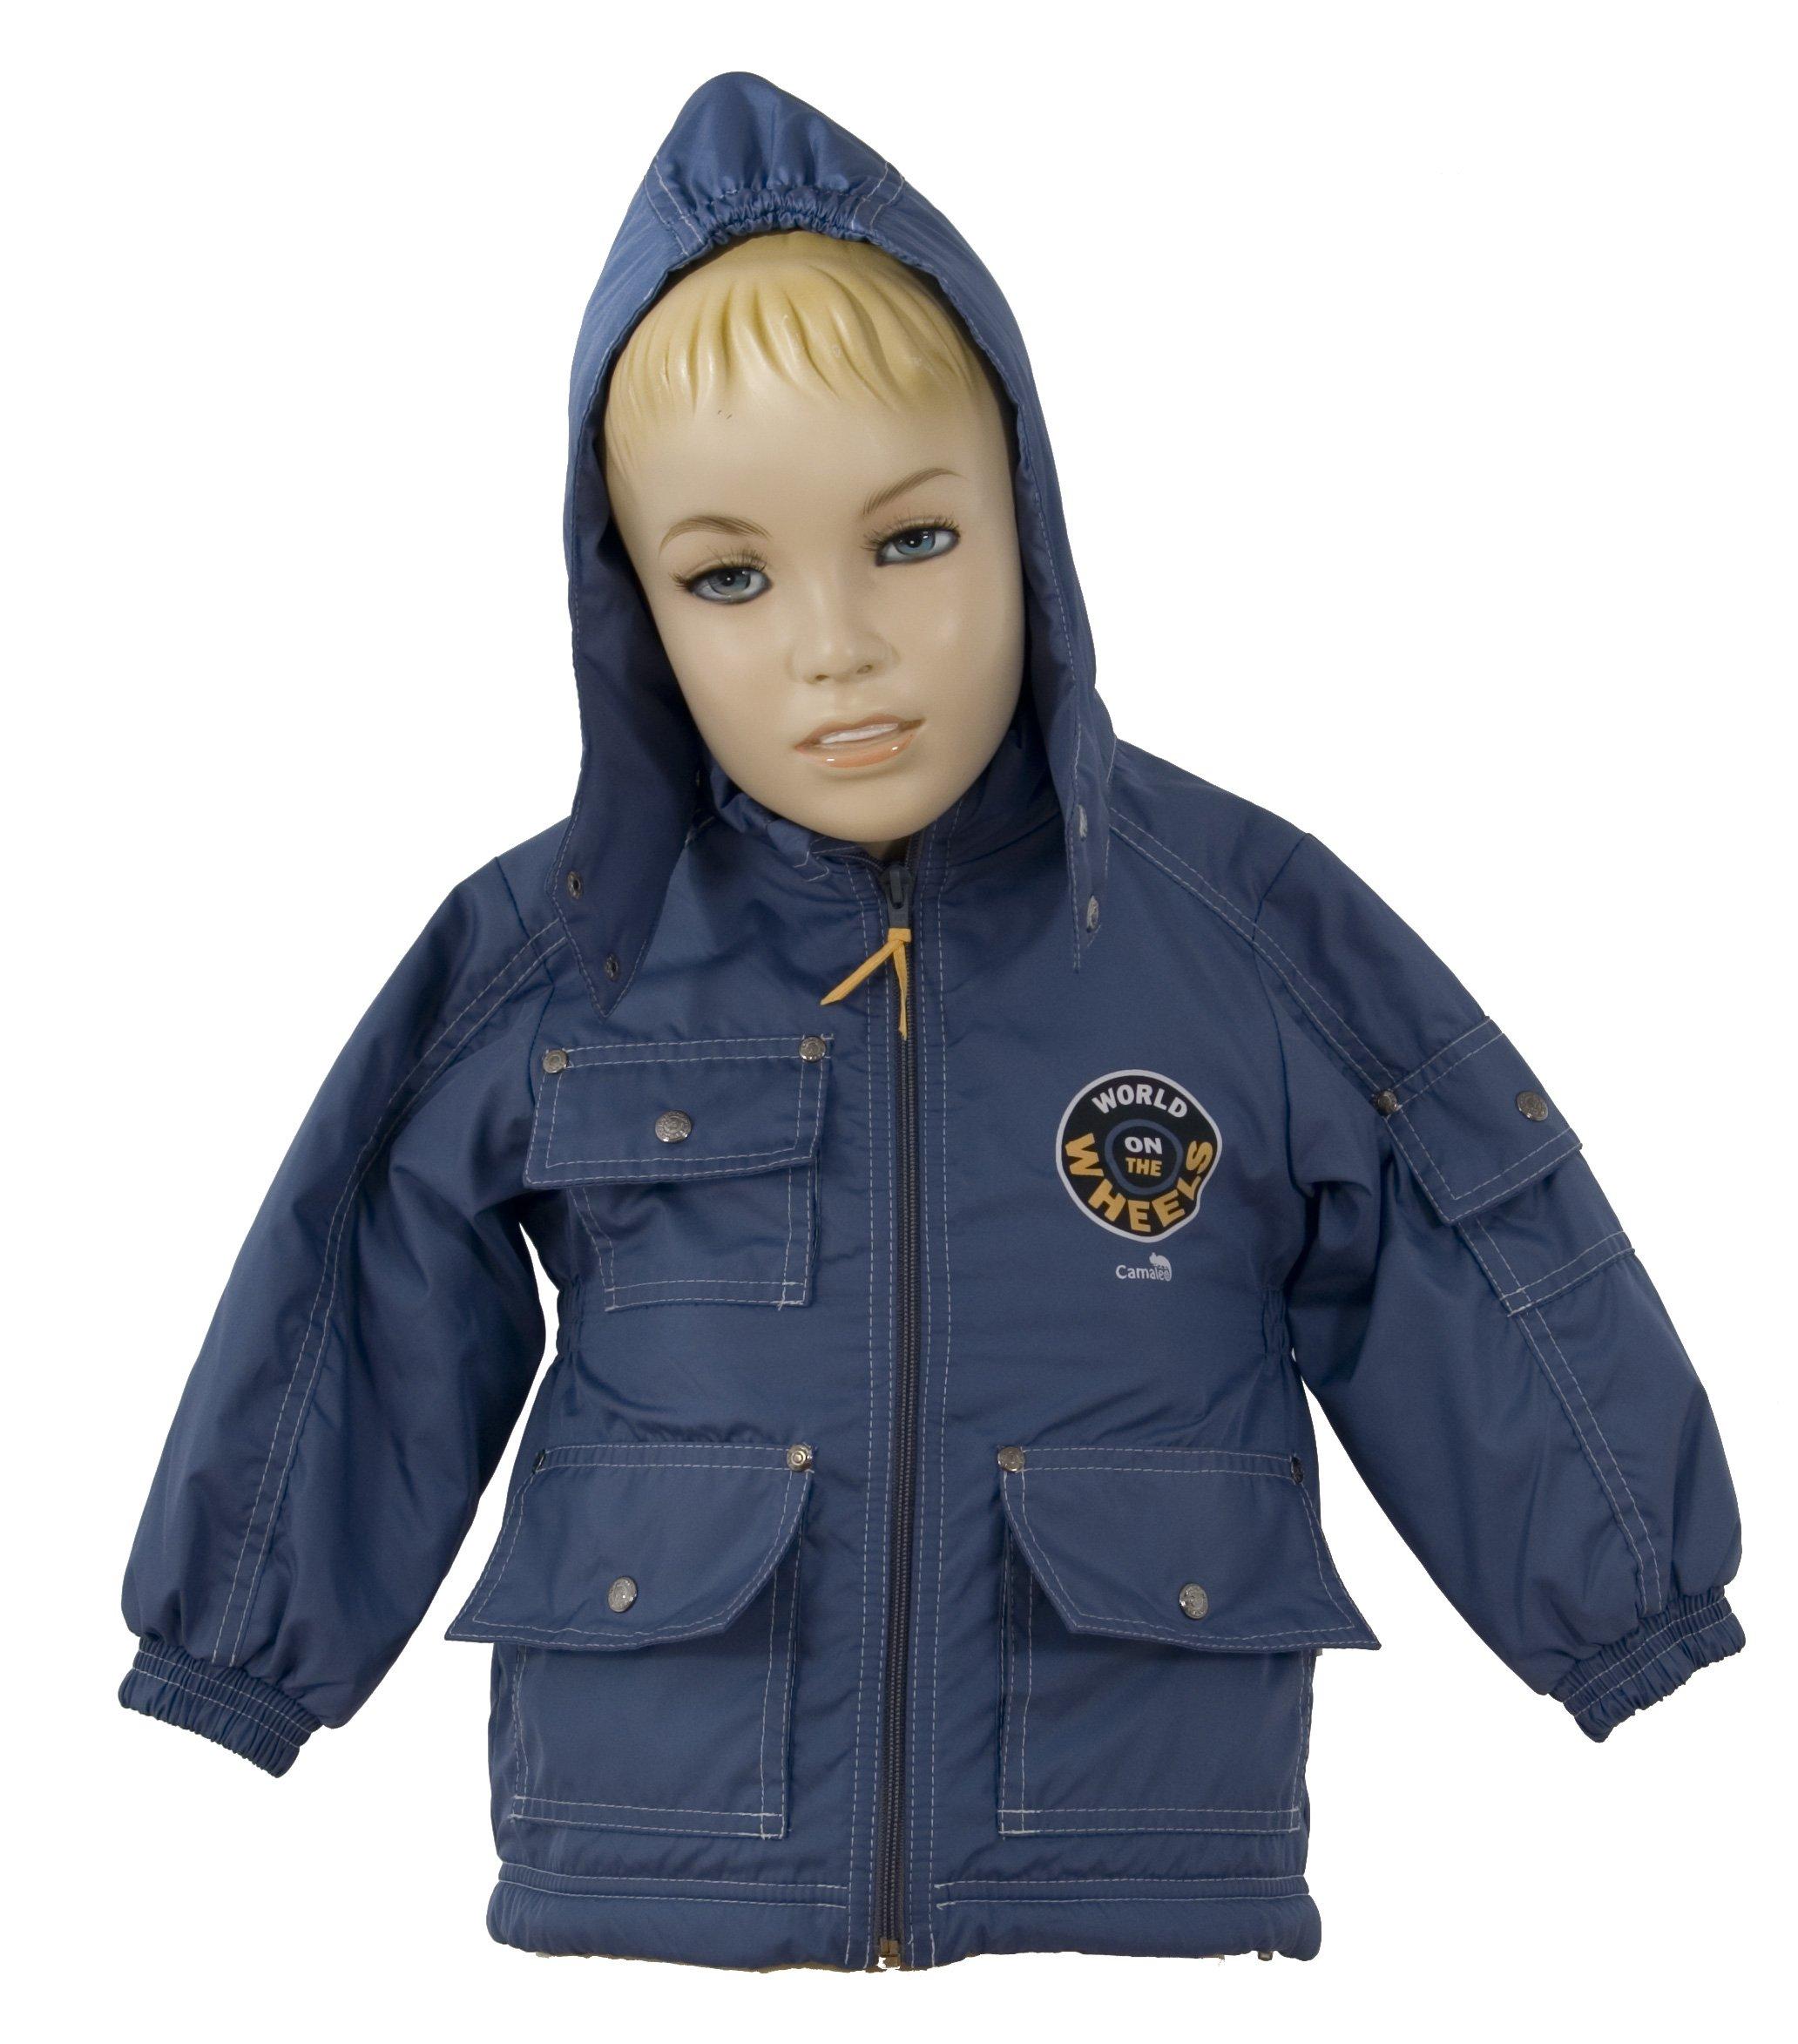 Chlapecká bunda velikost 92 - VÝPRODEJ